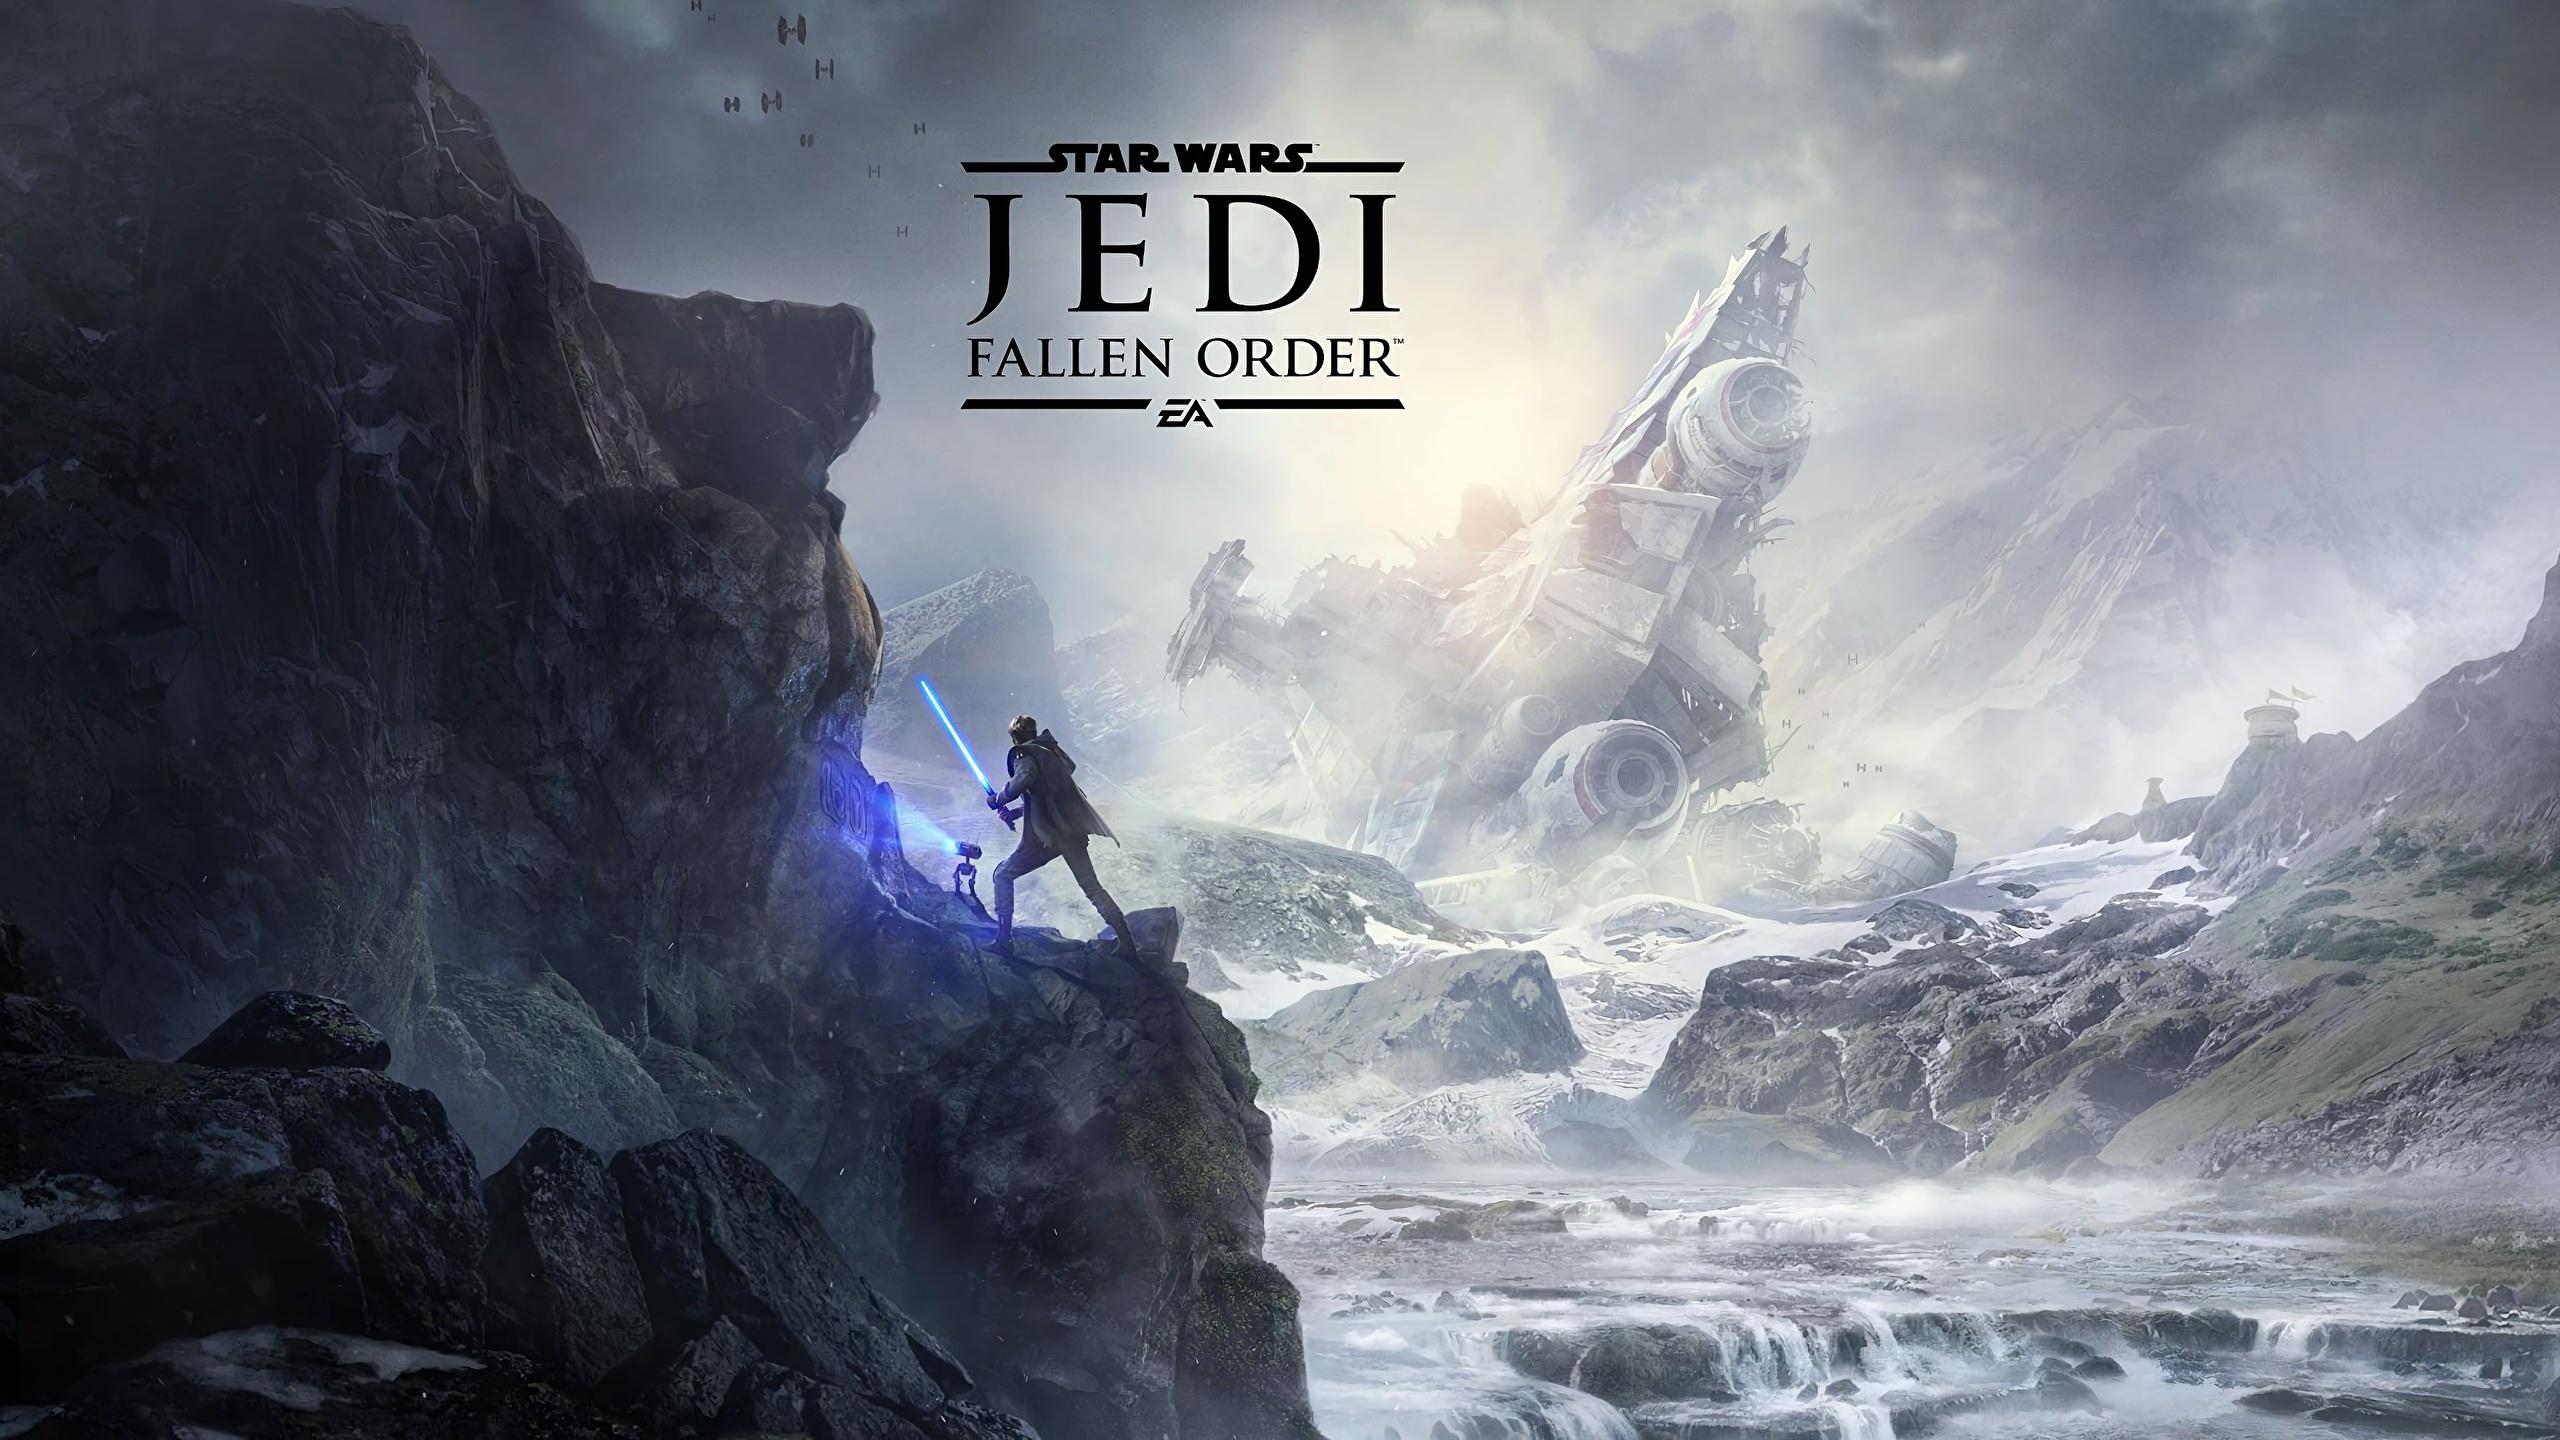 壁紙 2560x1440 スター ウォーズ Star Wars Jedi Fallen Order